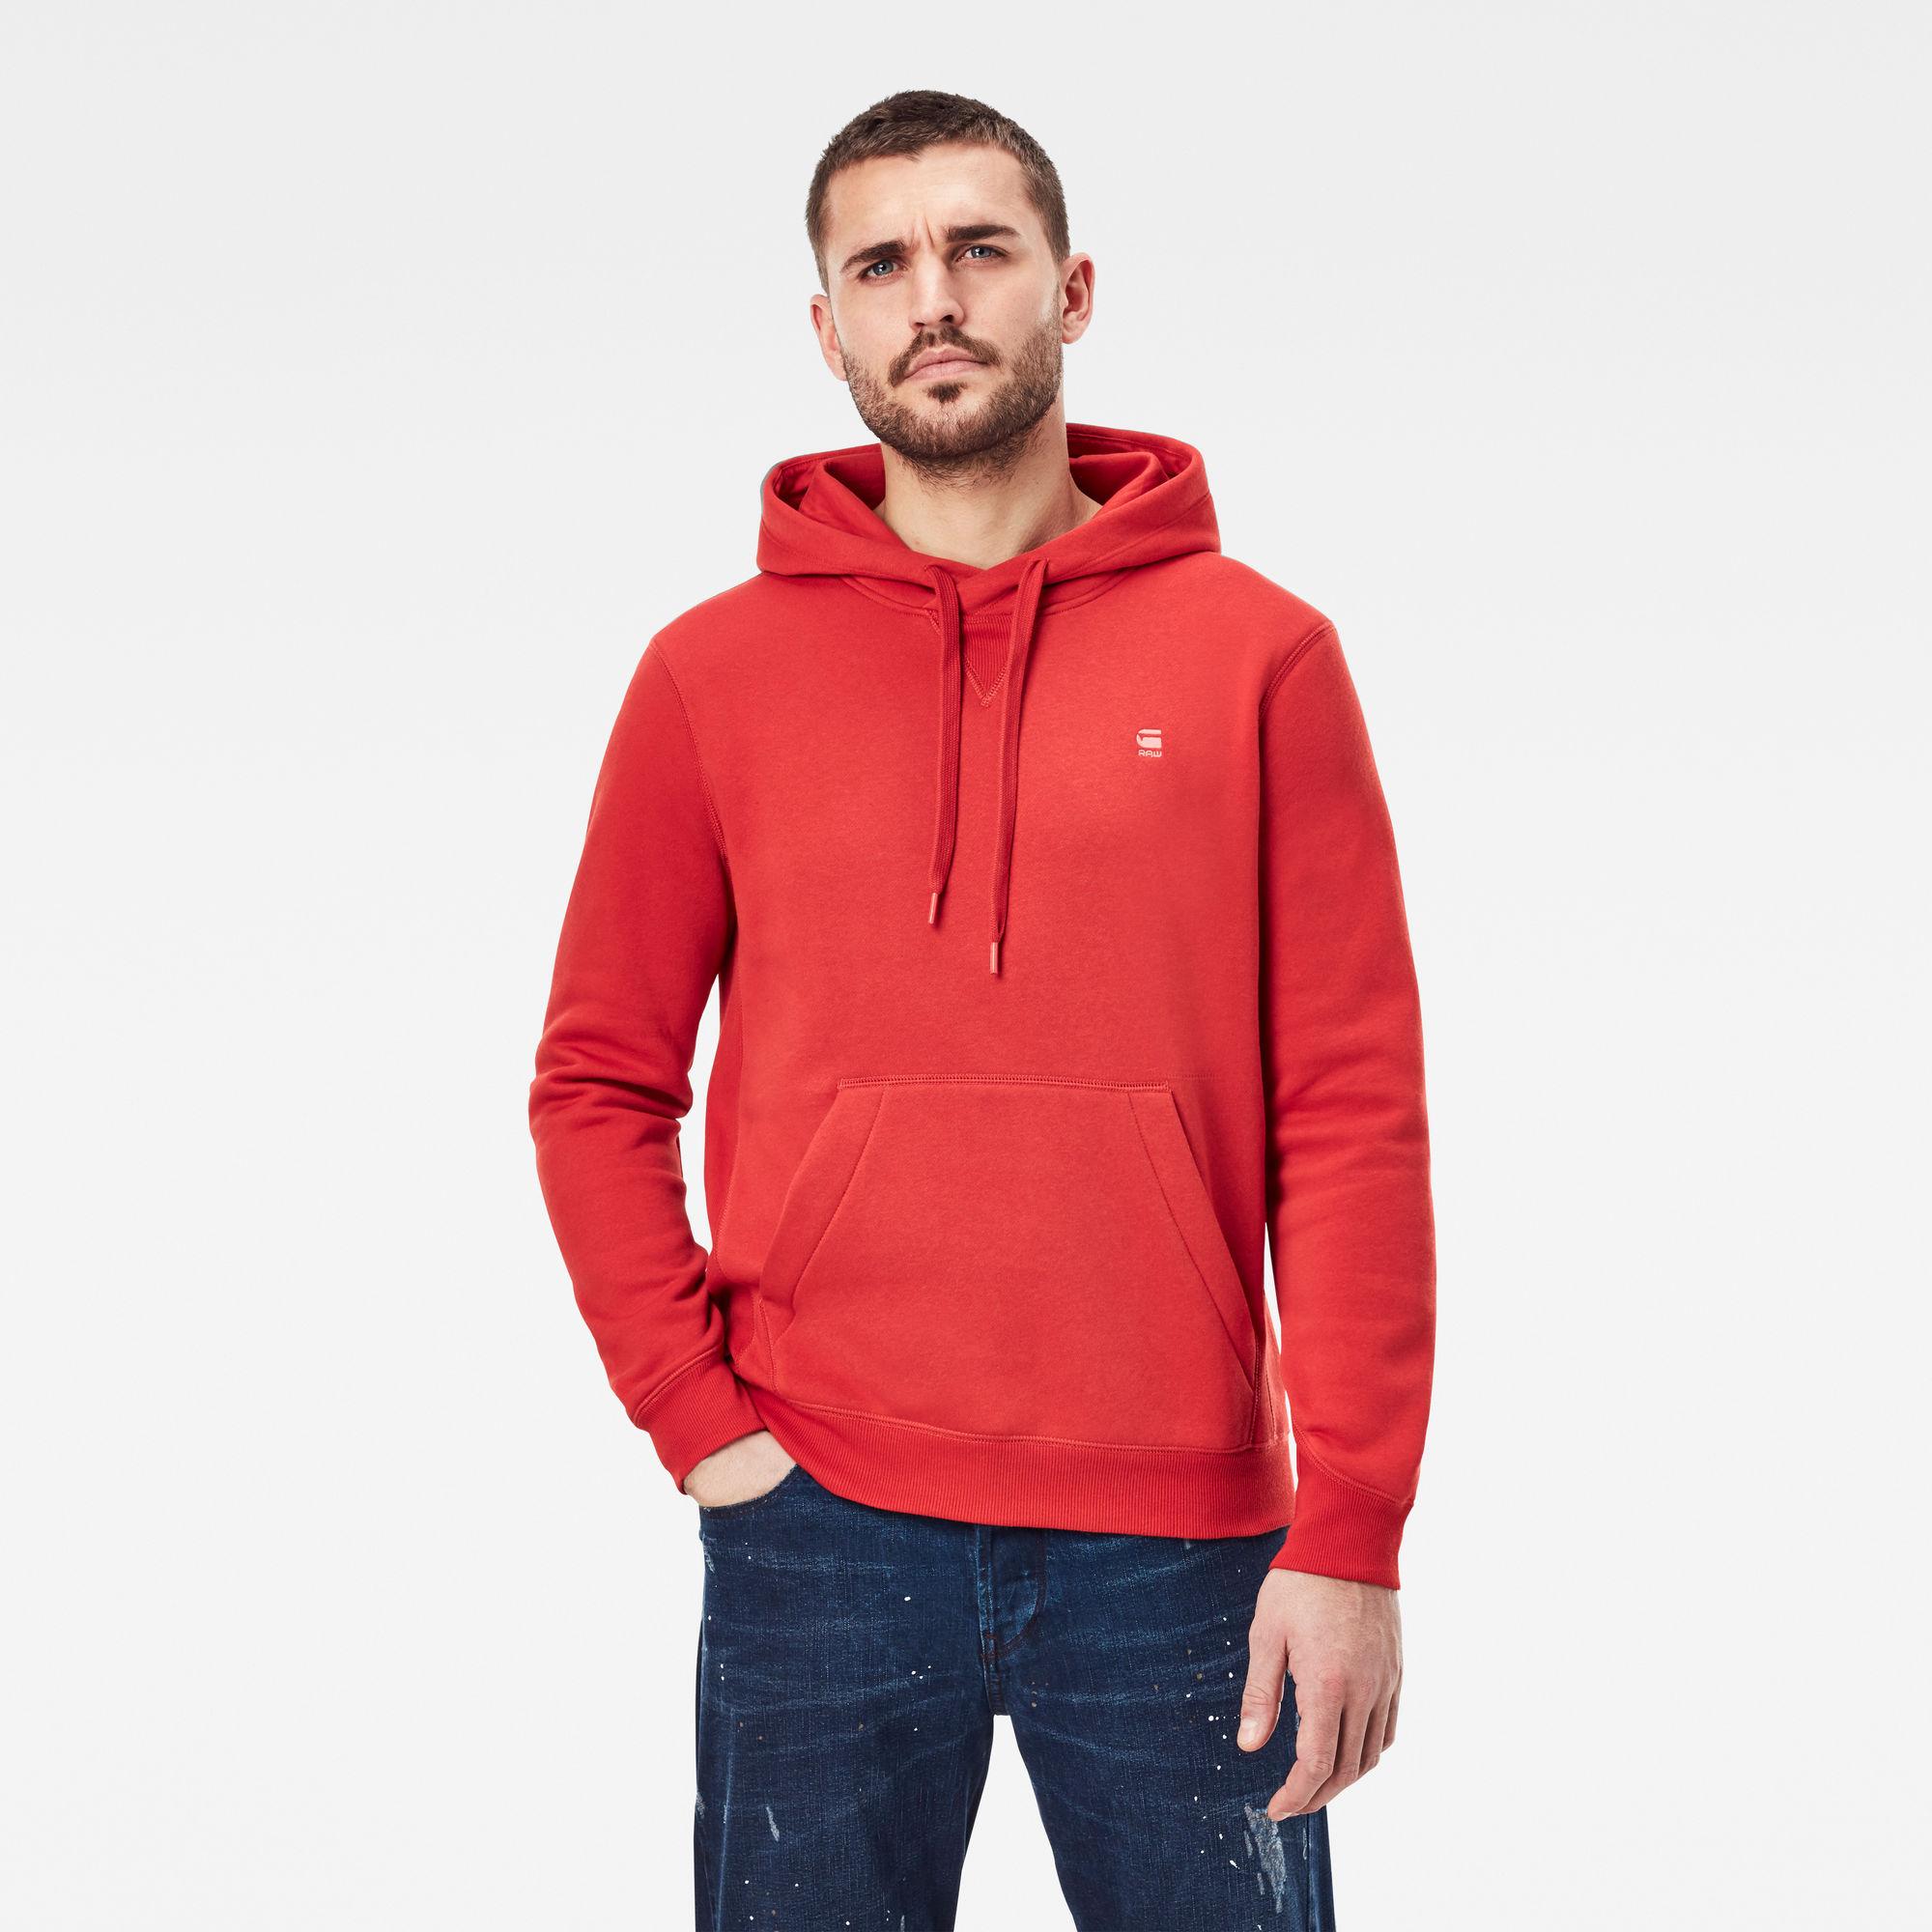 G-Star RAW Heren Premium Core Hooded Sweater Rood